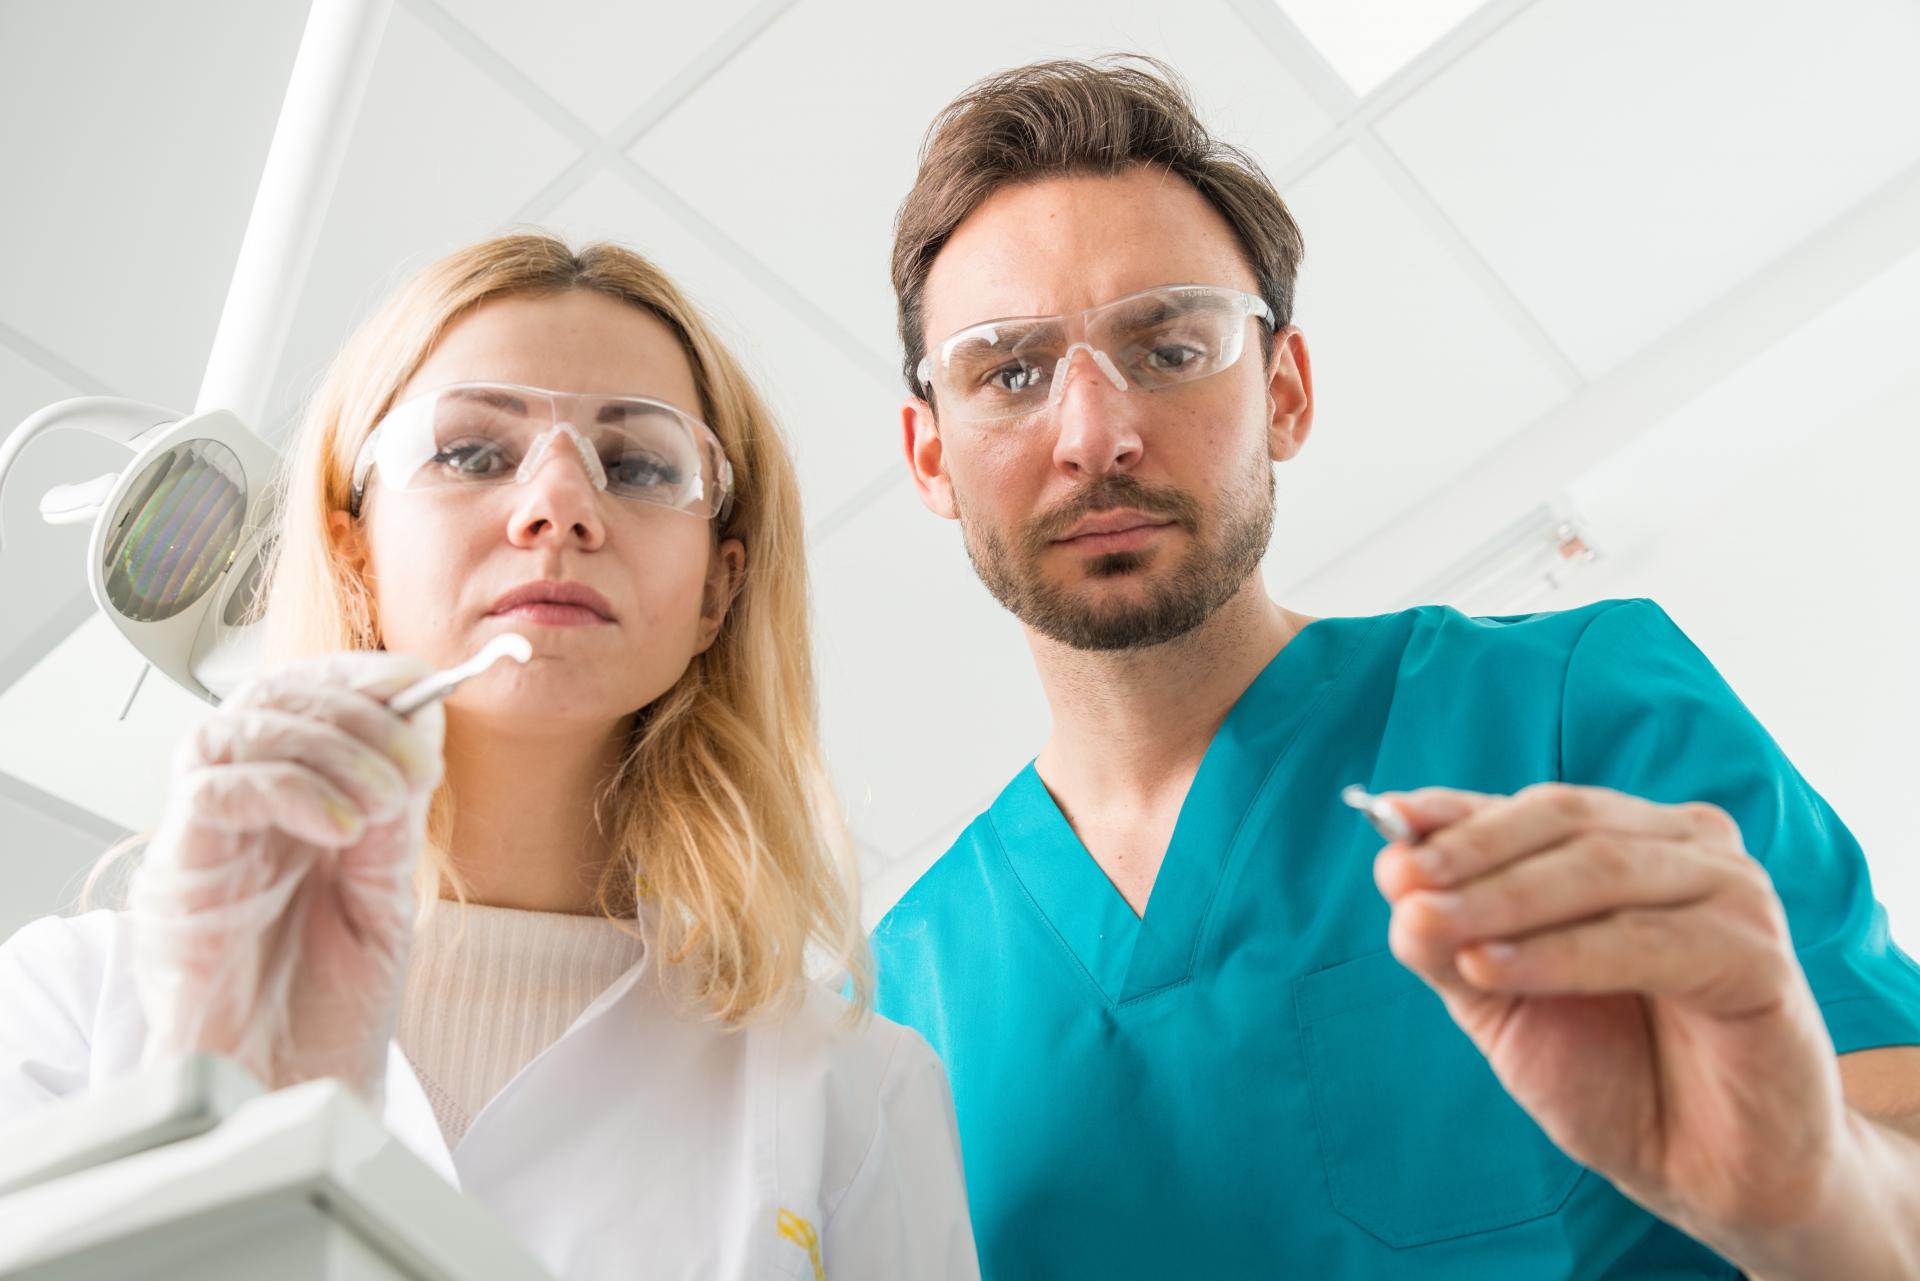 沖縄の歯医者がホームページを持つべき理由と集客方法について!